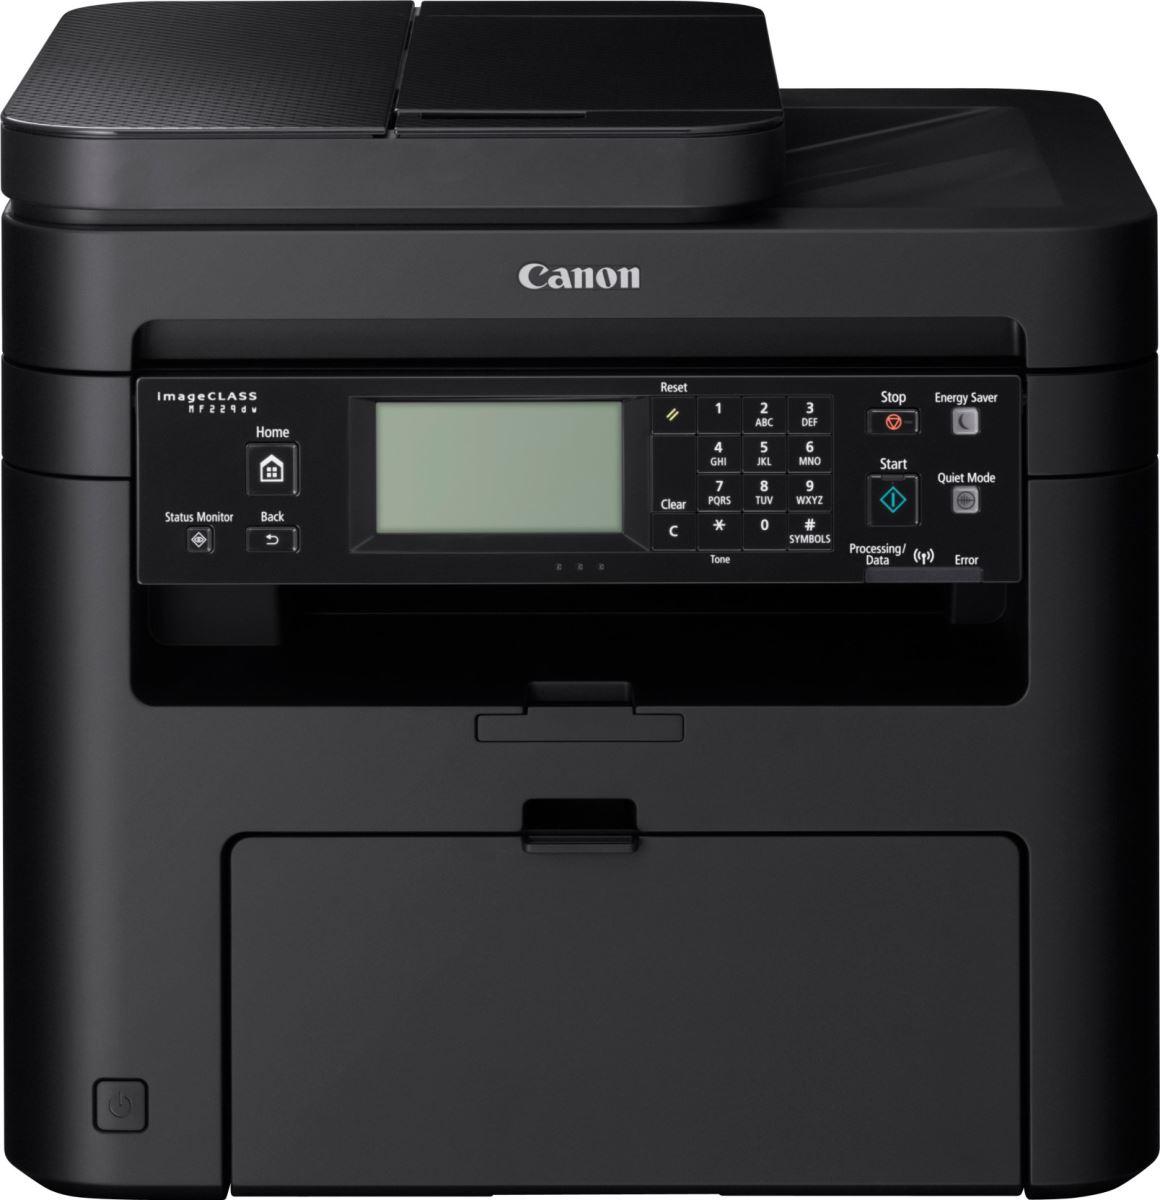 Máy in đa năng Canon MF249dw đáp ứng đầy đủ nhu cầu sử dụng